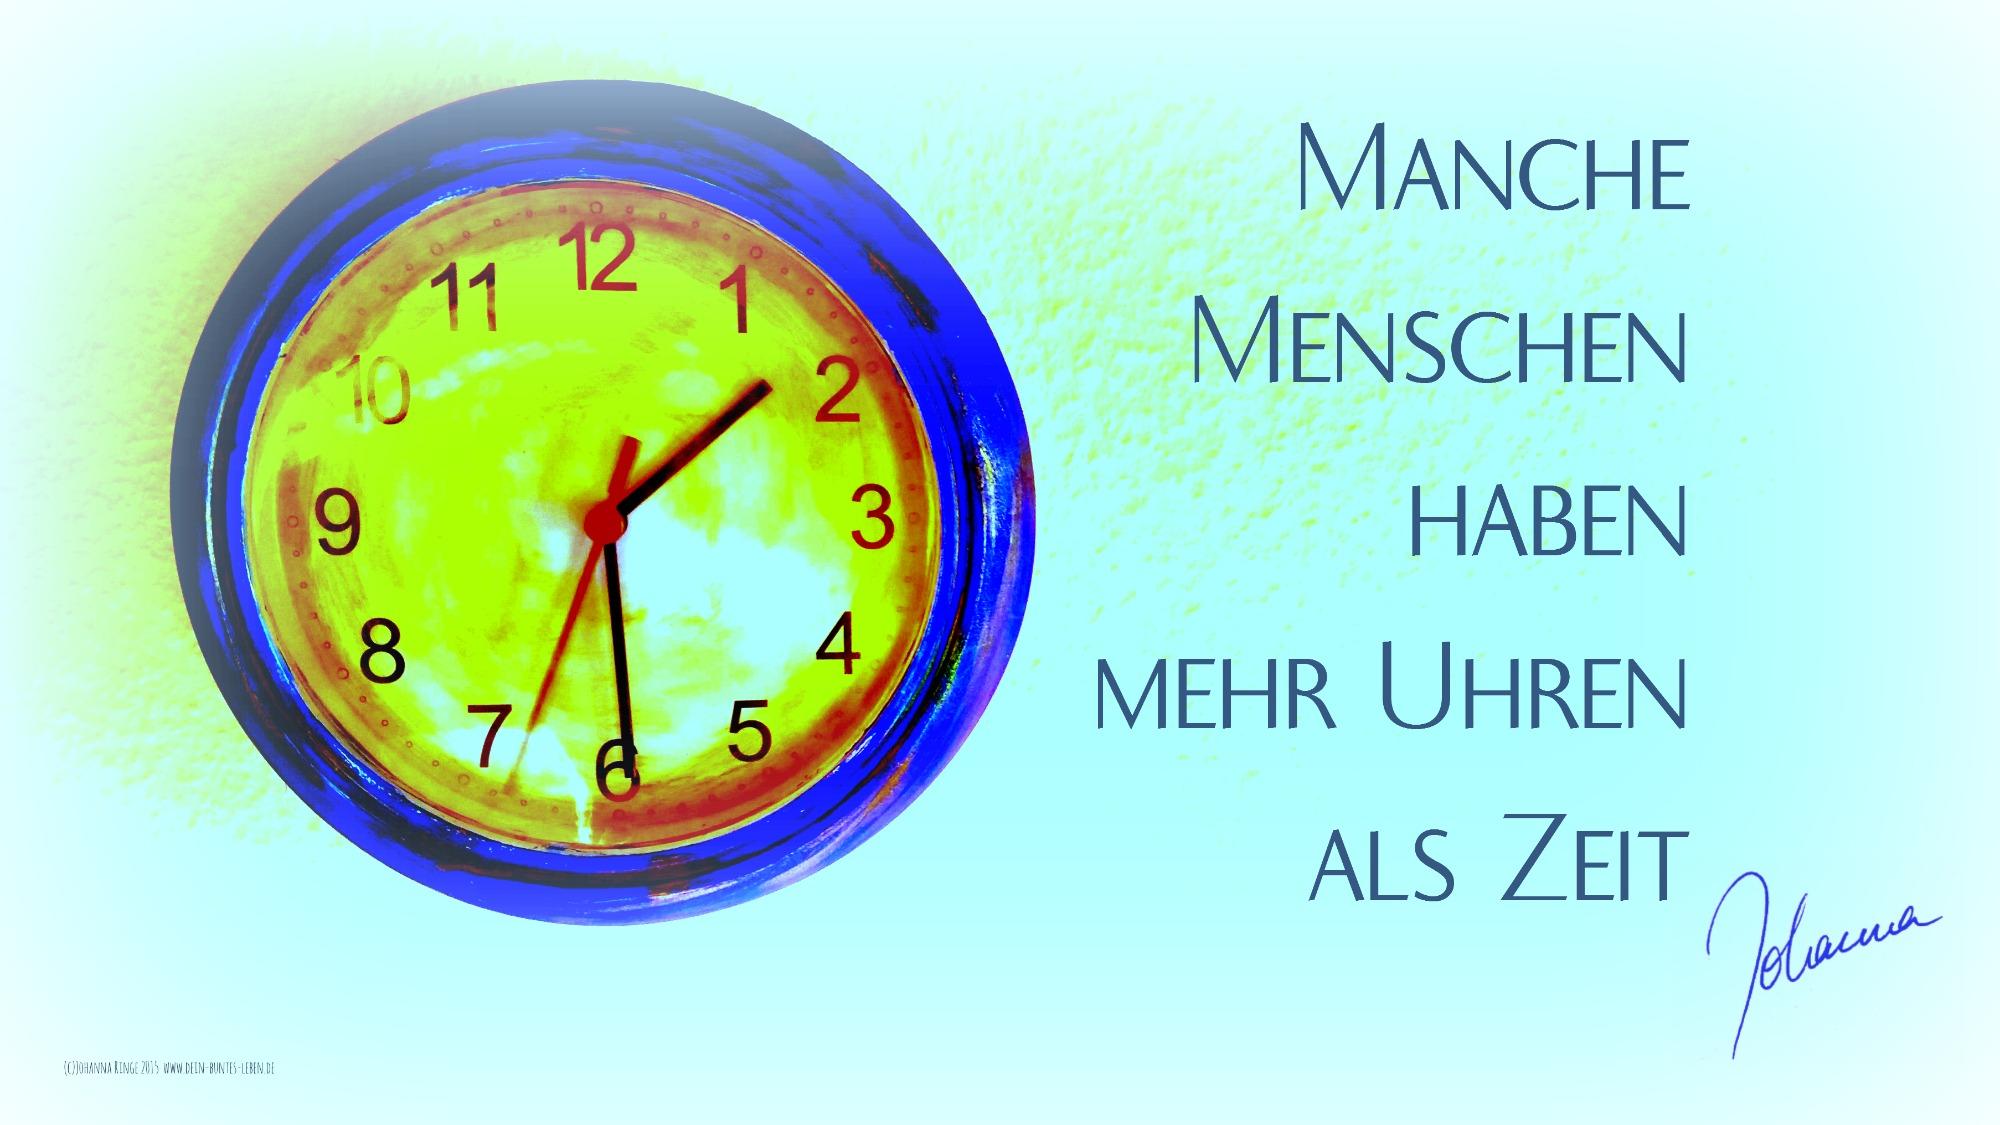 Manche Menschen haben mehr Uhren als Zeit (c)Johanna RInge 2015 www.dein-buntes-leben.de